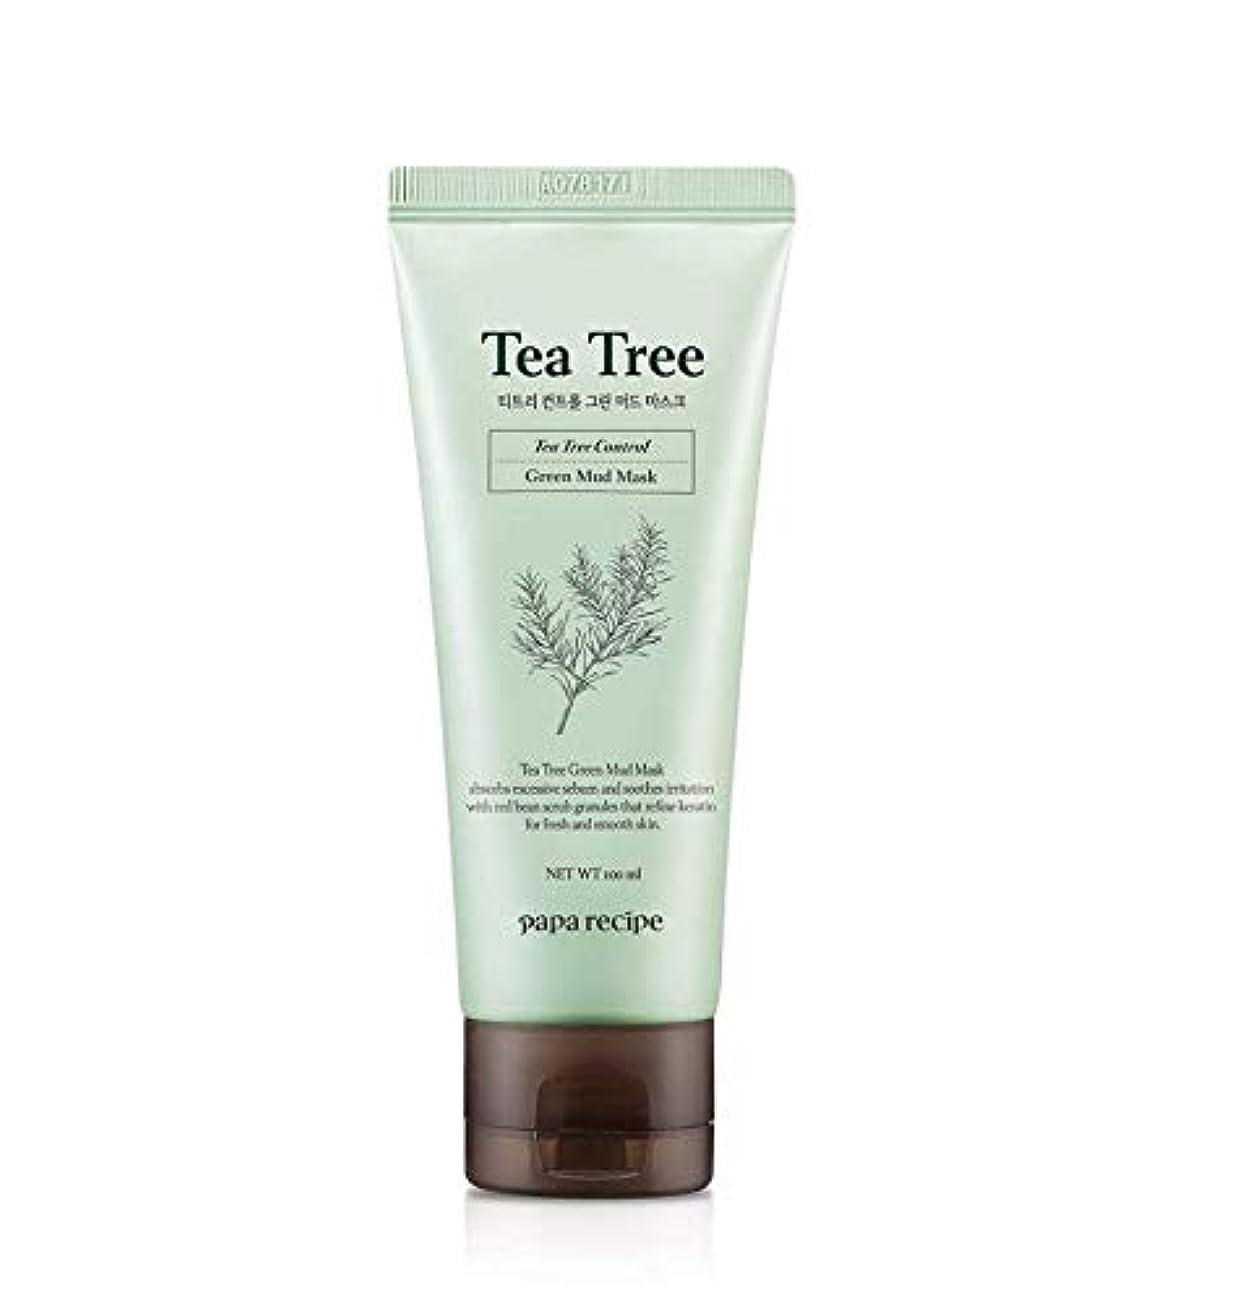 一部避難ブラウザPaparecipe (パパレシピ) ティーツリー コントロール グリーン マッド マスク/Tea Tree Control Green Mud Mask (100ml) [並行輸入品]